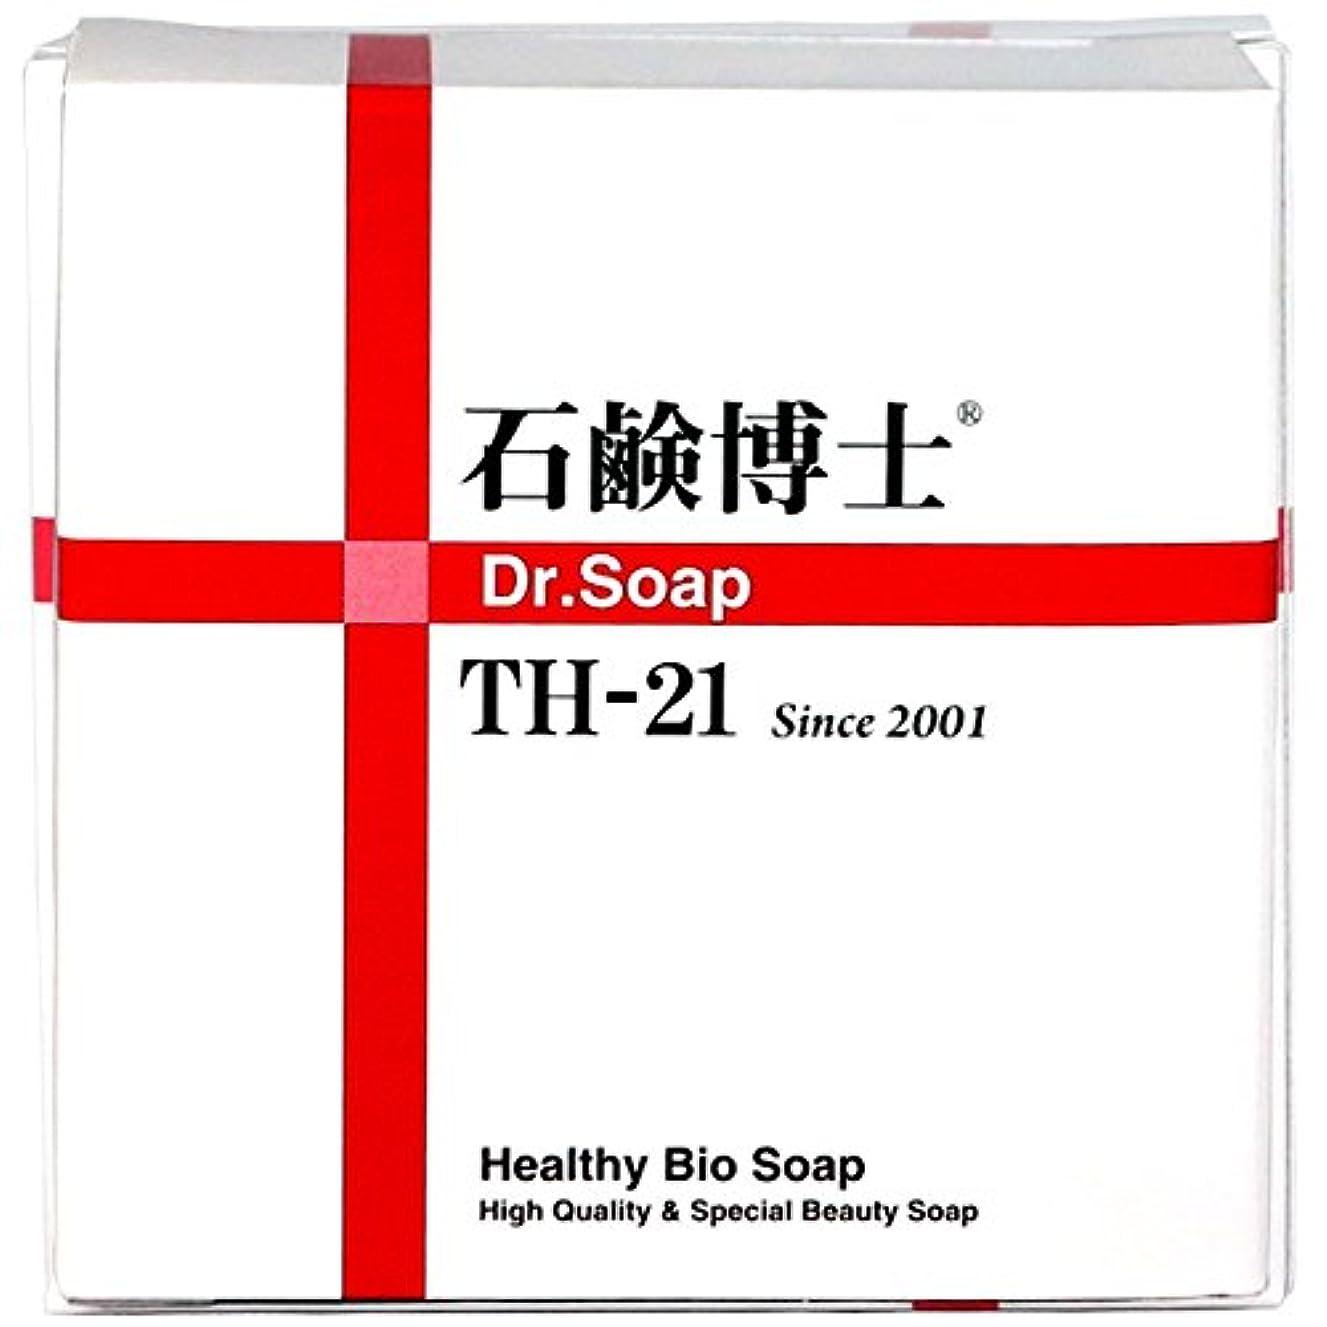 れんが攻撃ホイッスルミネラルと分解酵素で洗顔しながらスキンケア 石鹸博士 DRソープ石鹸 Dr.Soap TH-21 100g